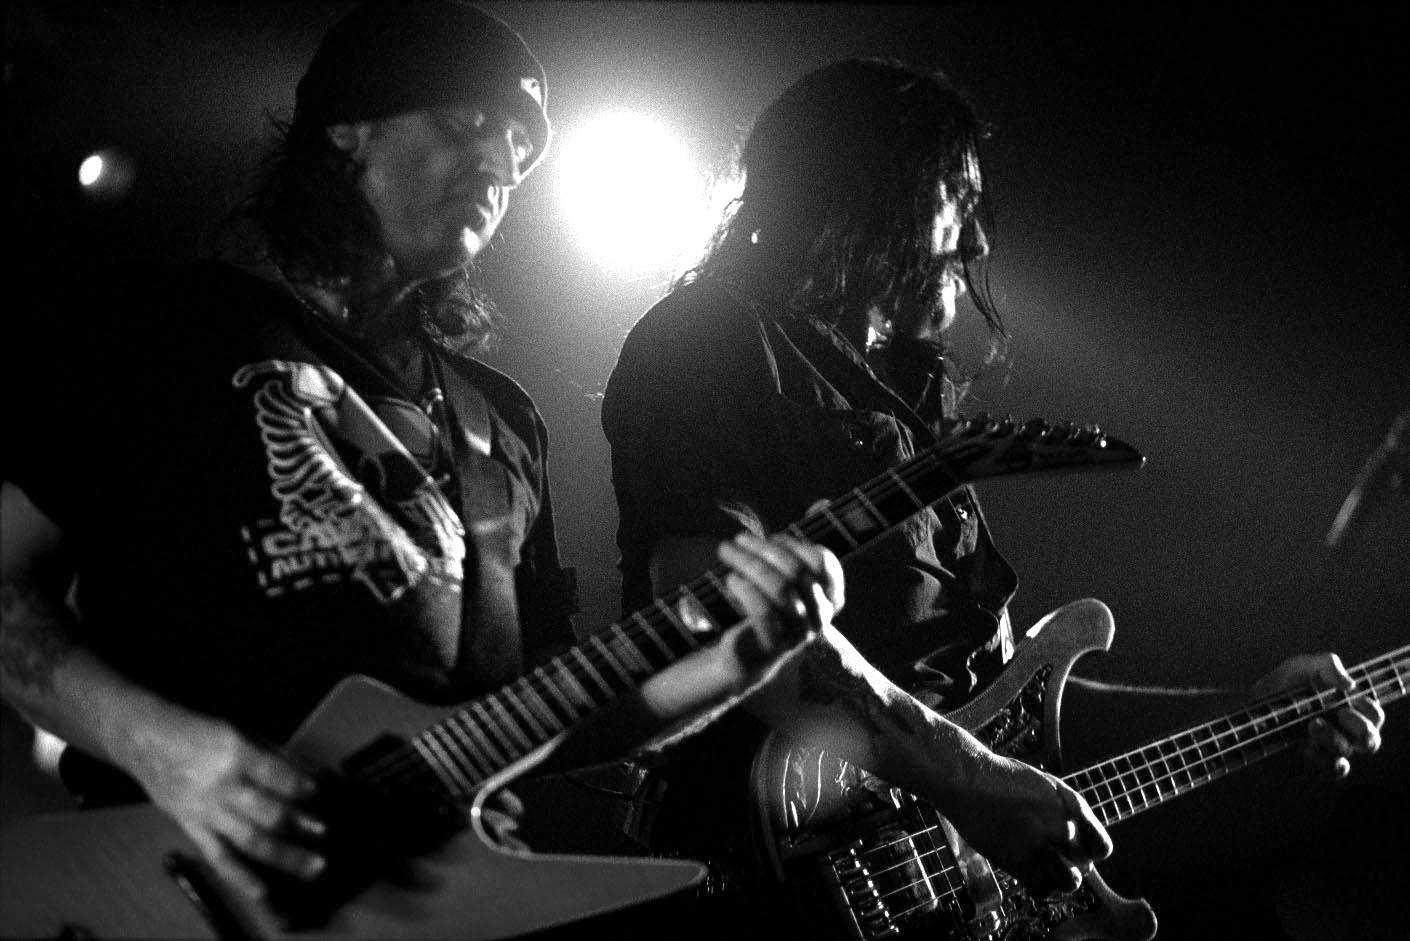 Phil Campbell y Lemmy Kilmister de Motorhead por Iker Zubia en In focus 5